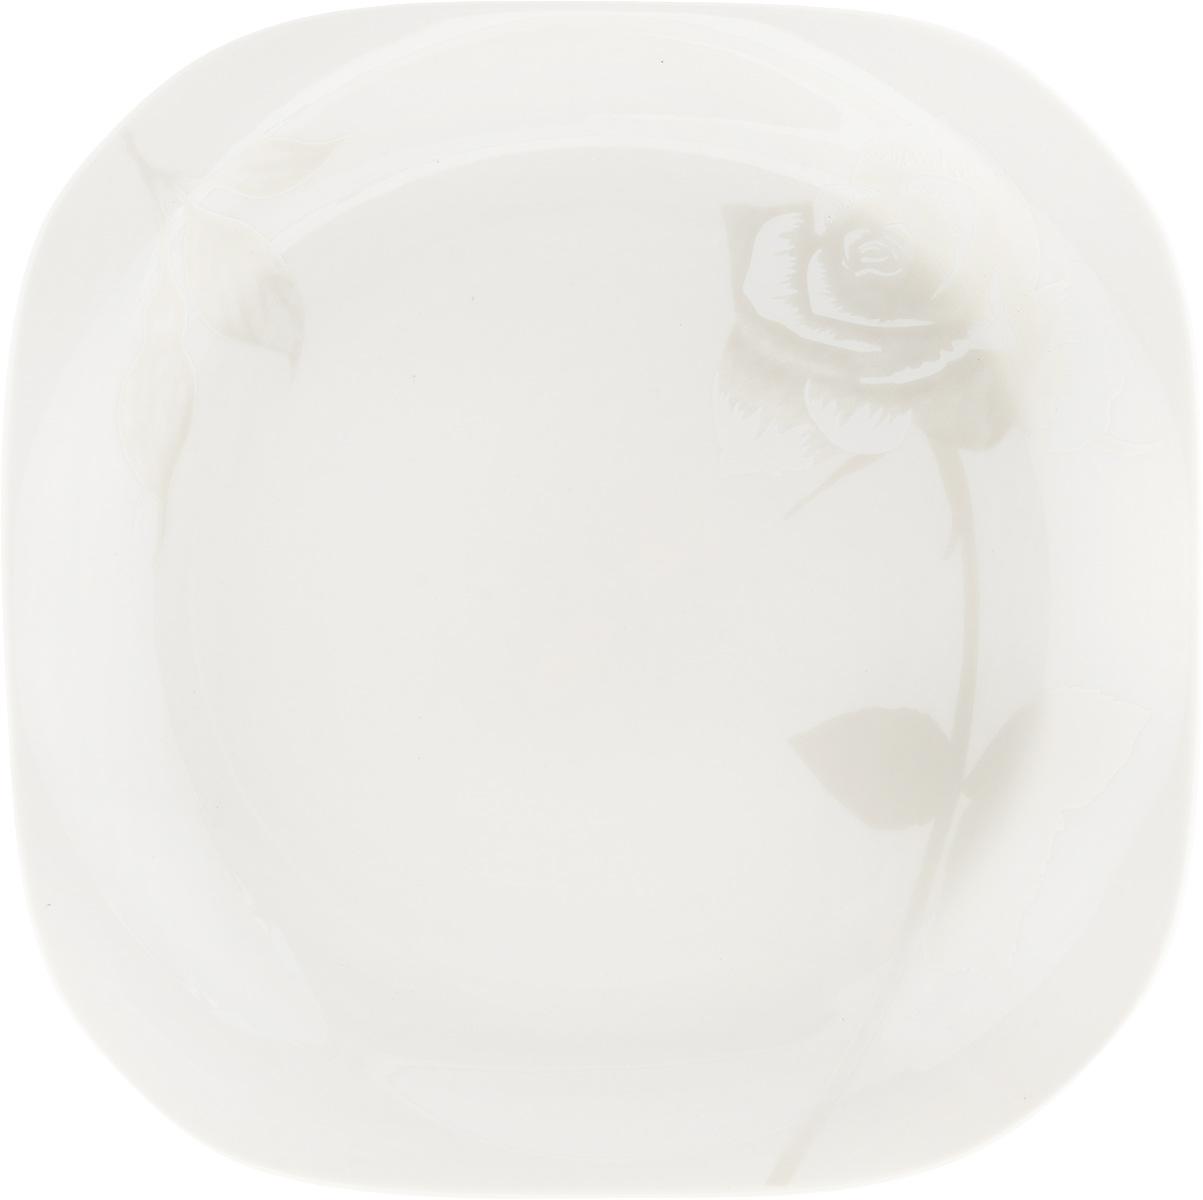 Тарелка десертная Жемчужная роза, 18 x 18 см216693Десертная тарелка Жемчужная роза изготовлена из глазурованного фарфора. Она предназначена для подачи десертов. Также может использоваться как блюдо для сервировки закусок. Изящная тарелка прекрасно оформит стол и порадует ваших гостей изысканным дизайном и формой. Размер тарелки: 18 х 18 см.